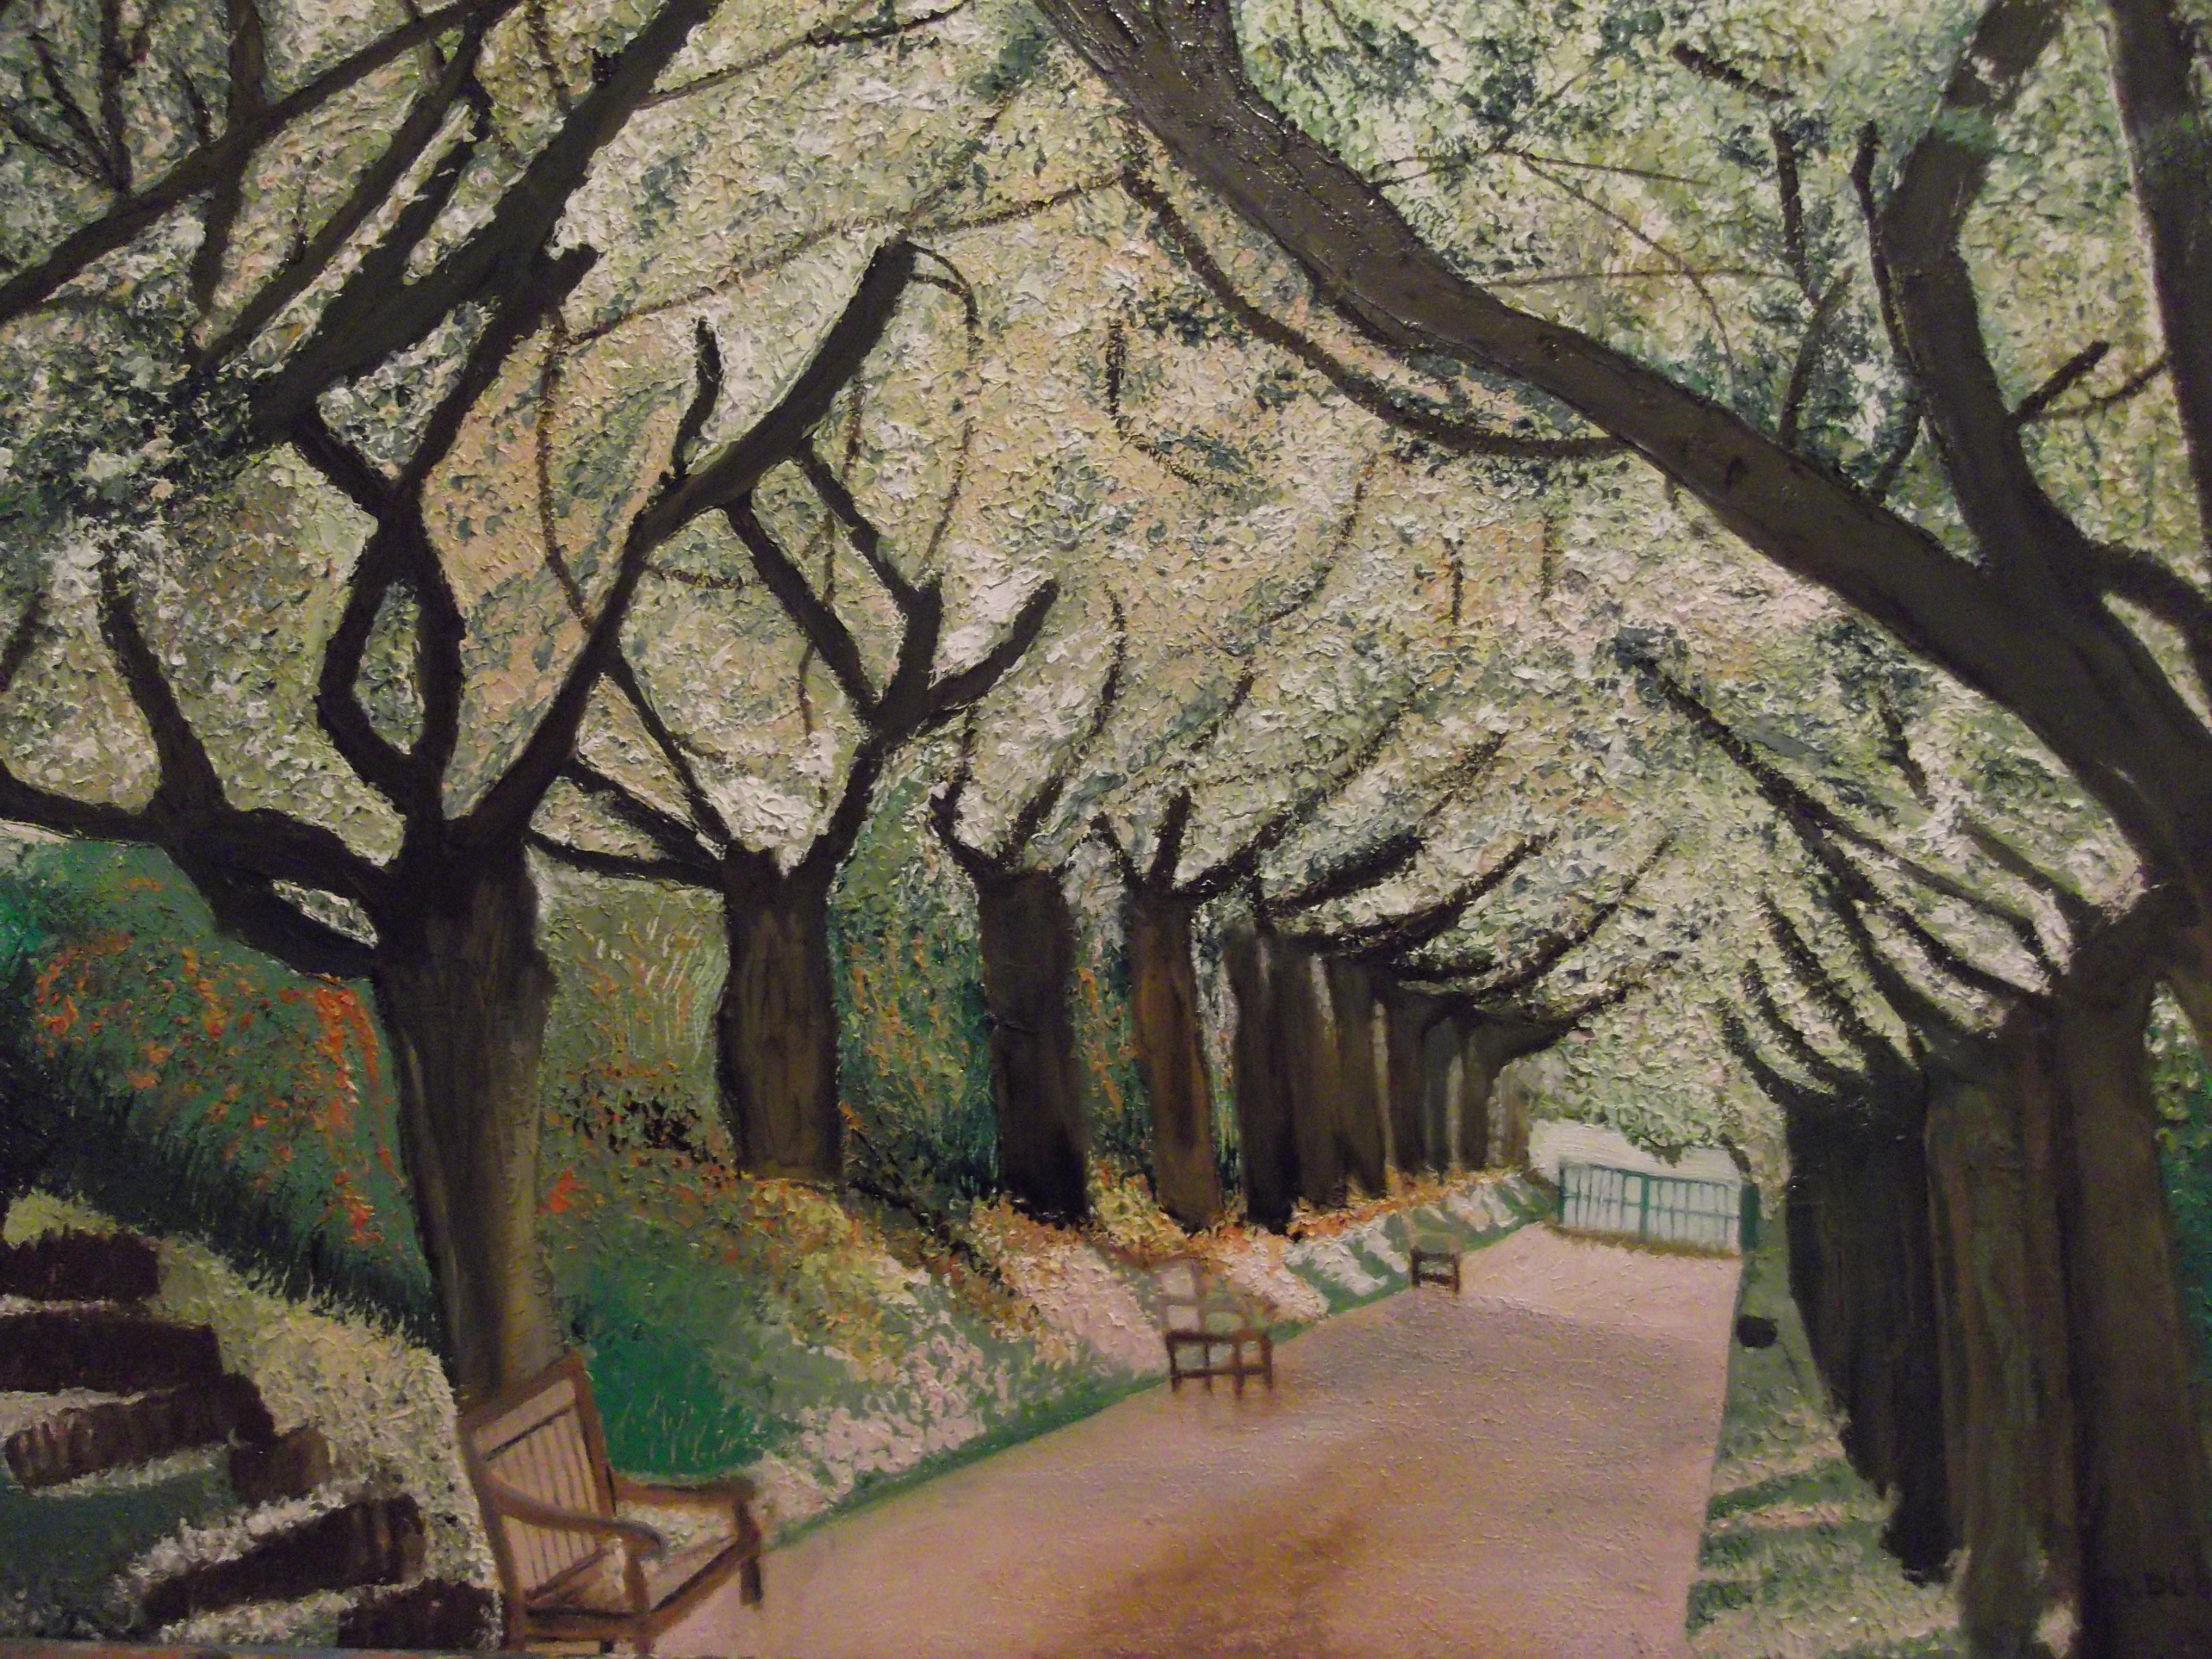 Allée au milieu d'un parc entourée d'arbres fleuris